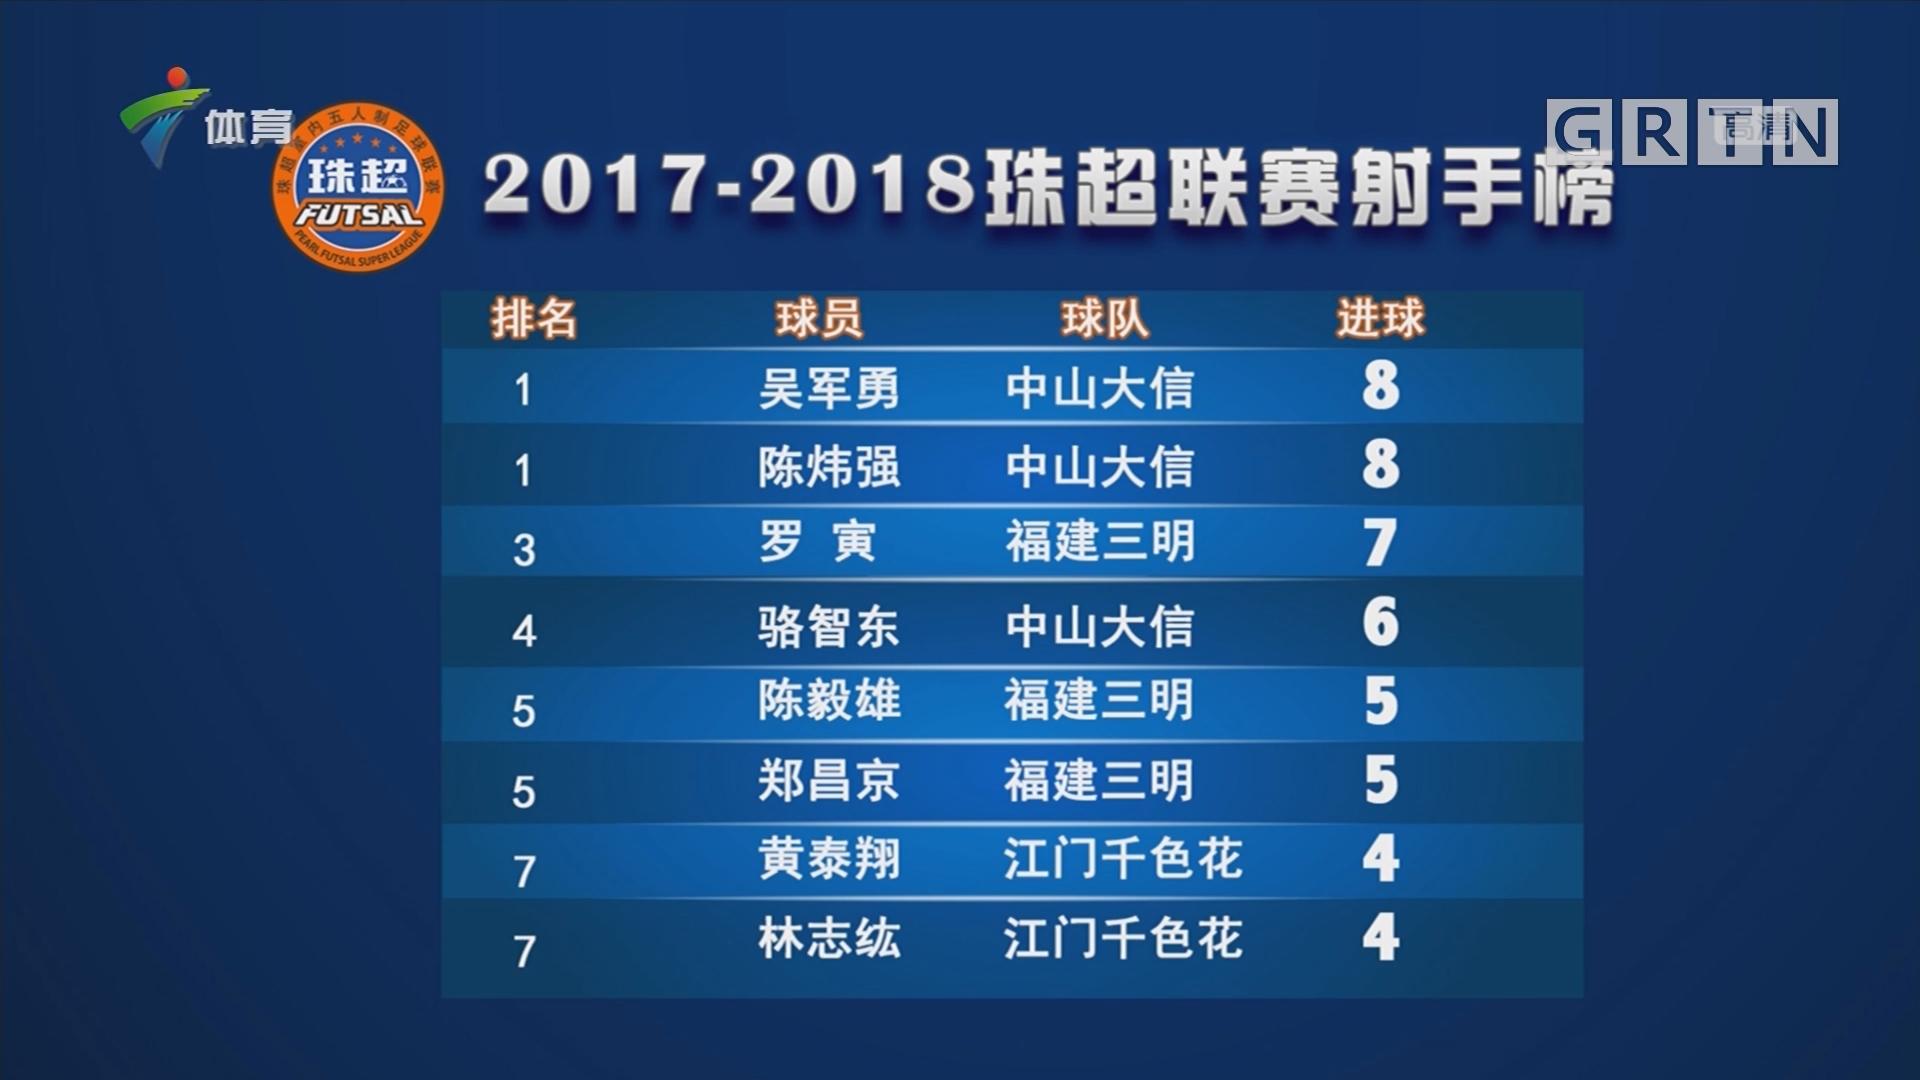 2017—2018珠超联赛射手榜